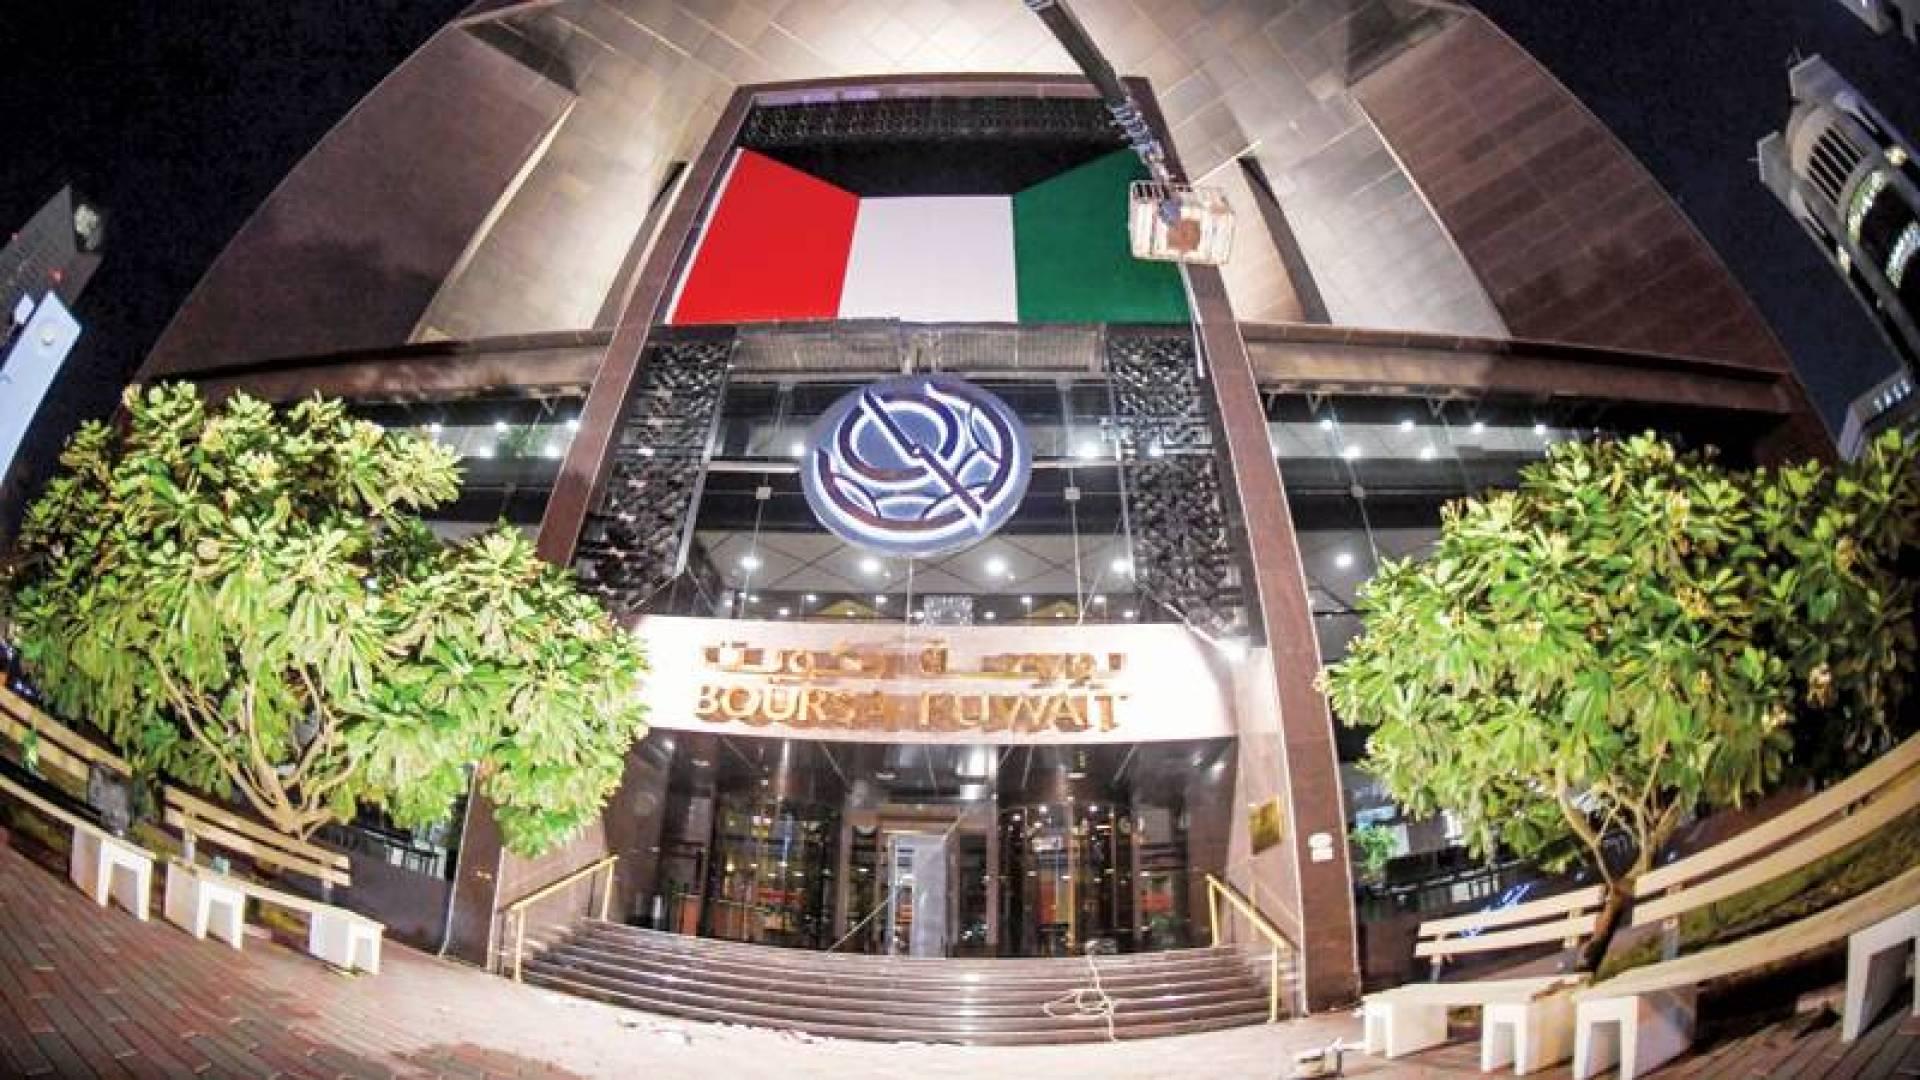 البنك الوطني يتصدر قائمة «الأعلى ربحاً» ضمن الشركات القيادية في البورصة (تصوير: محمود الفوريكي)